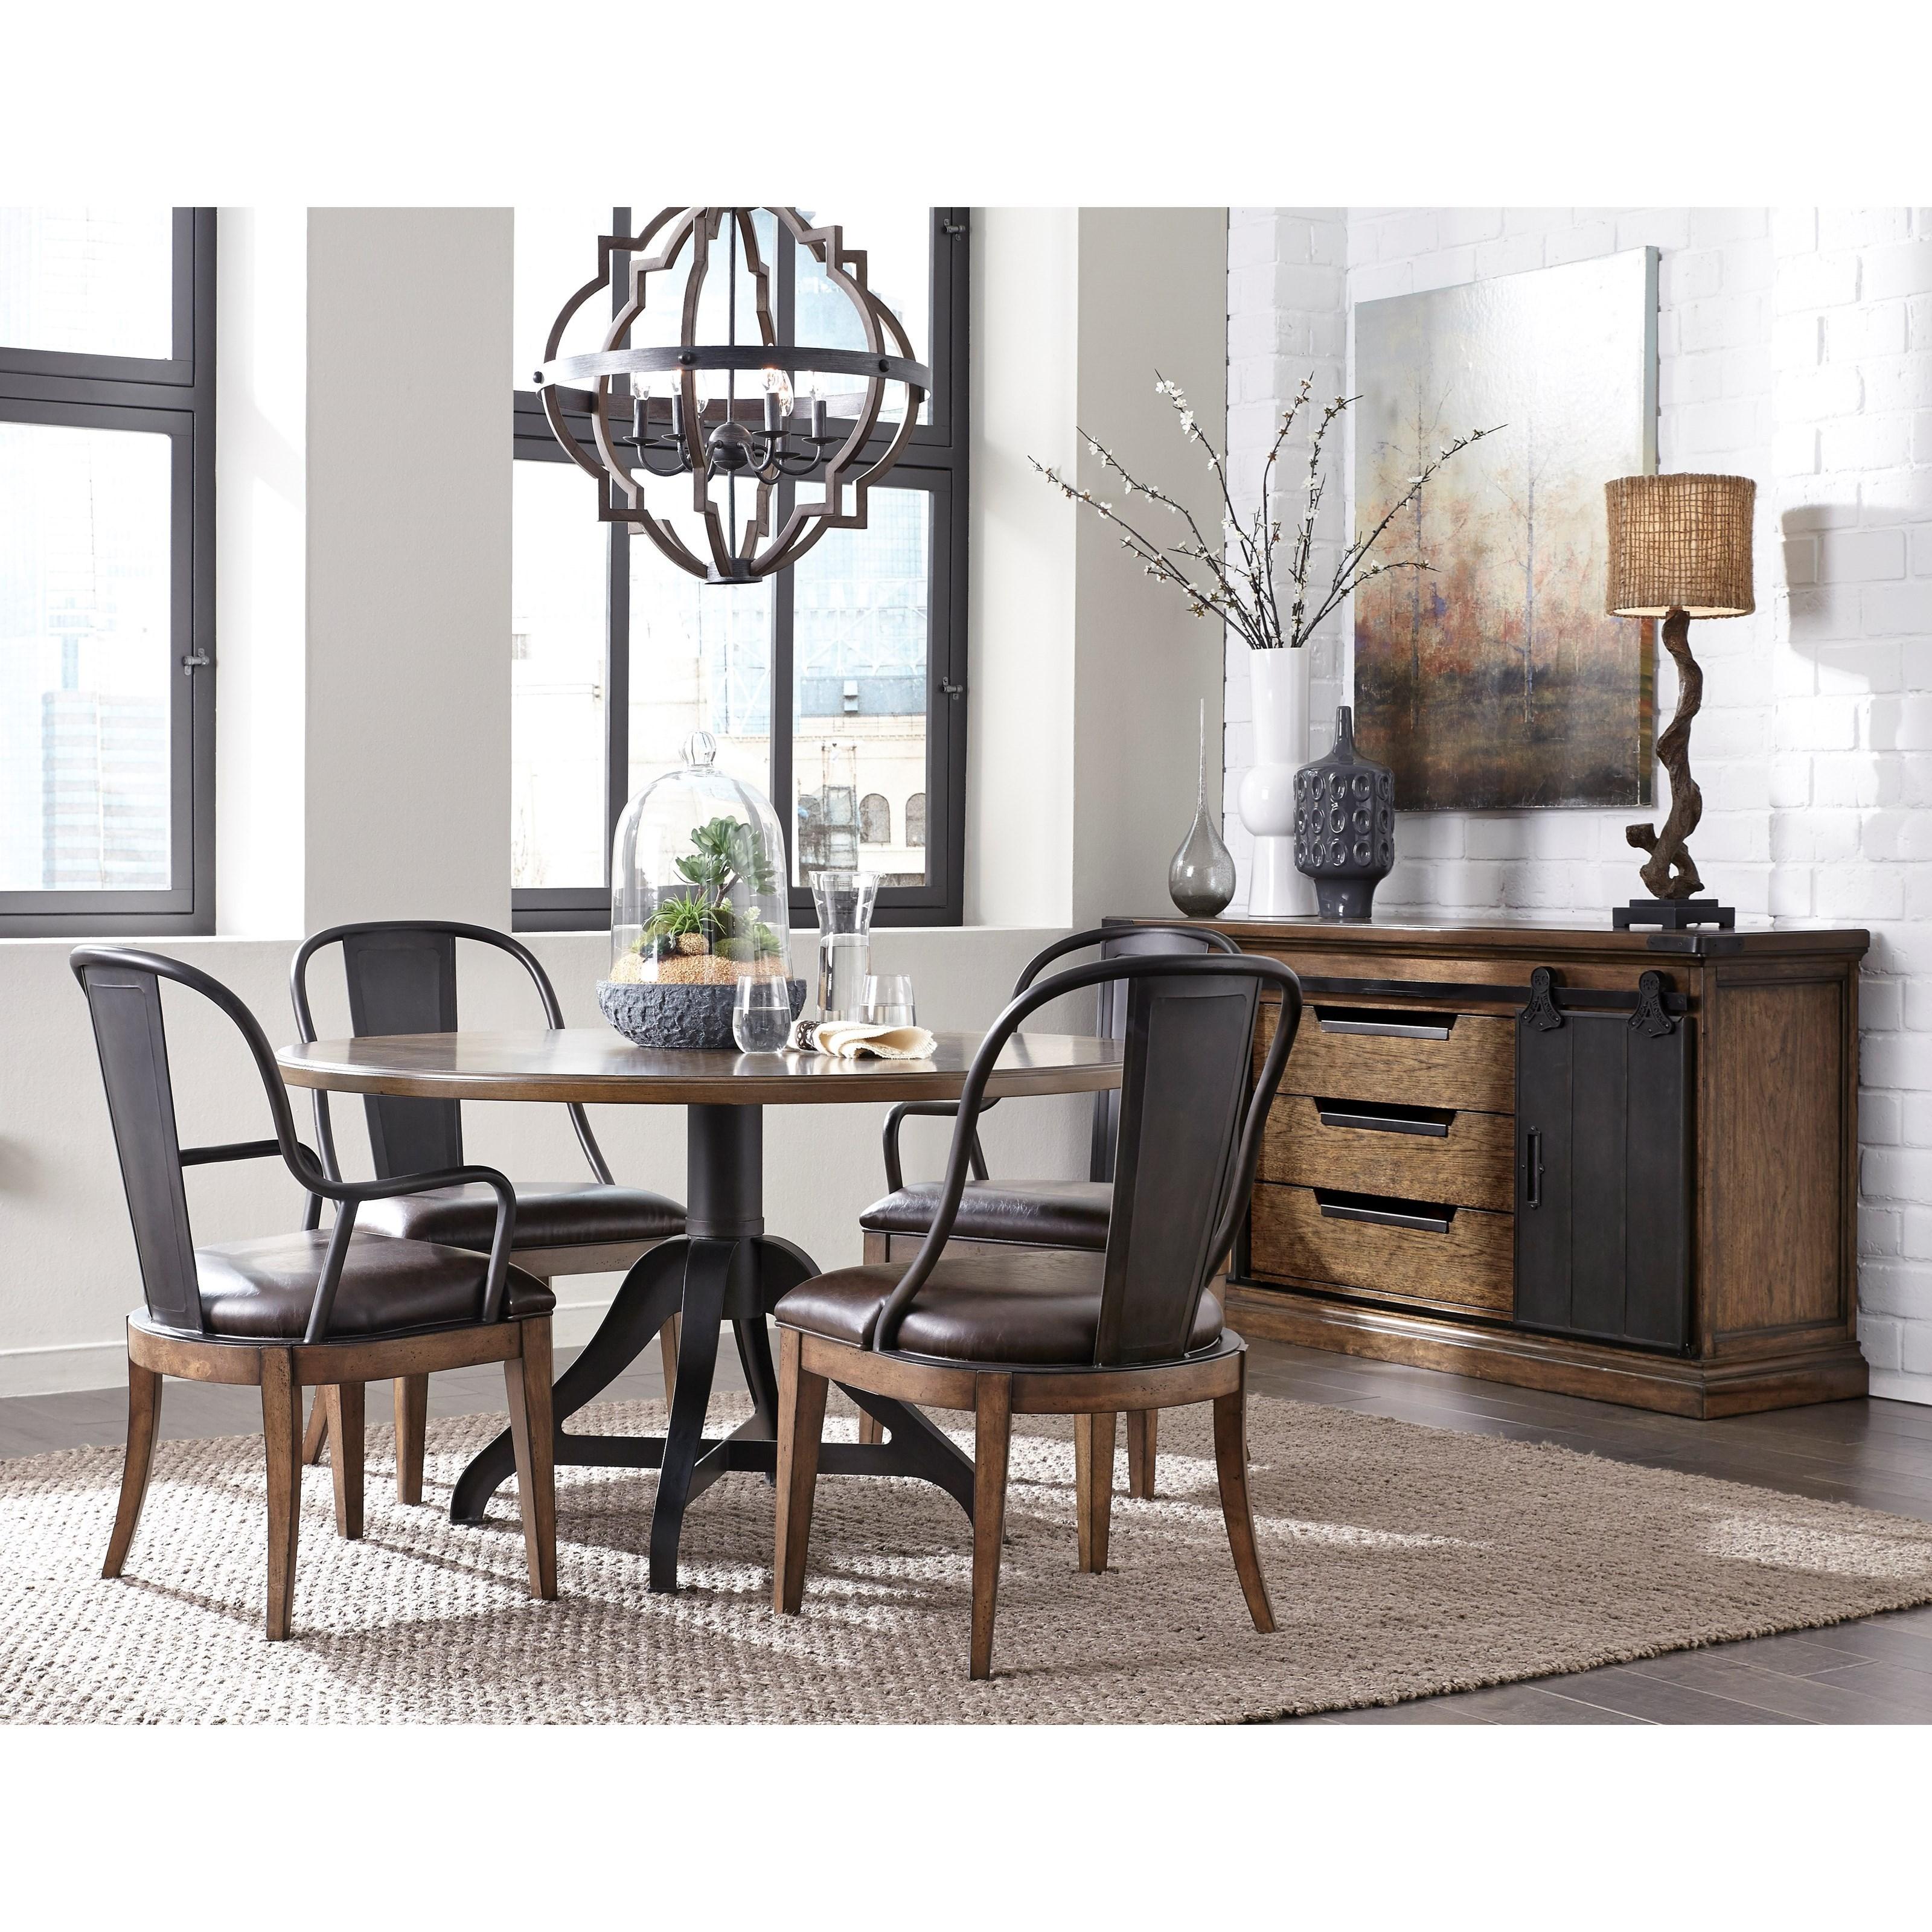 Pulaski Dining Room: Pulaski Furniture Weston Loft Casual Dining Room Group